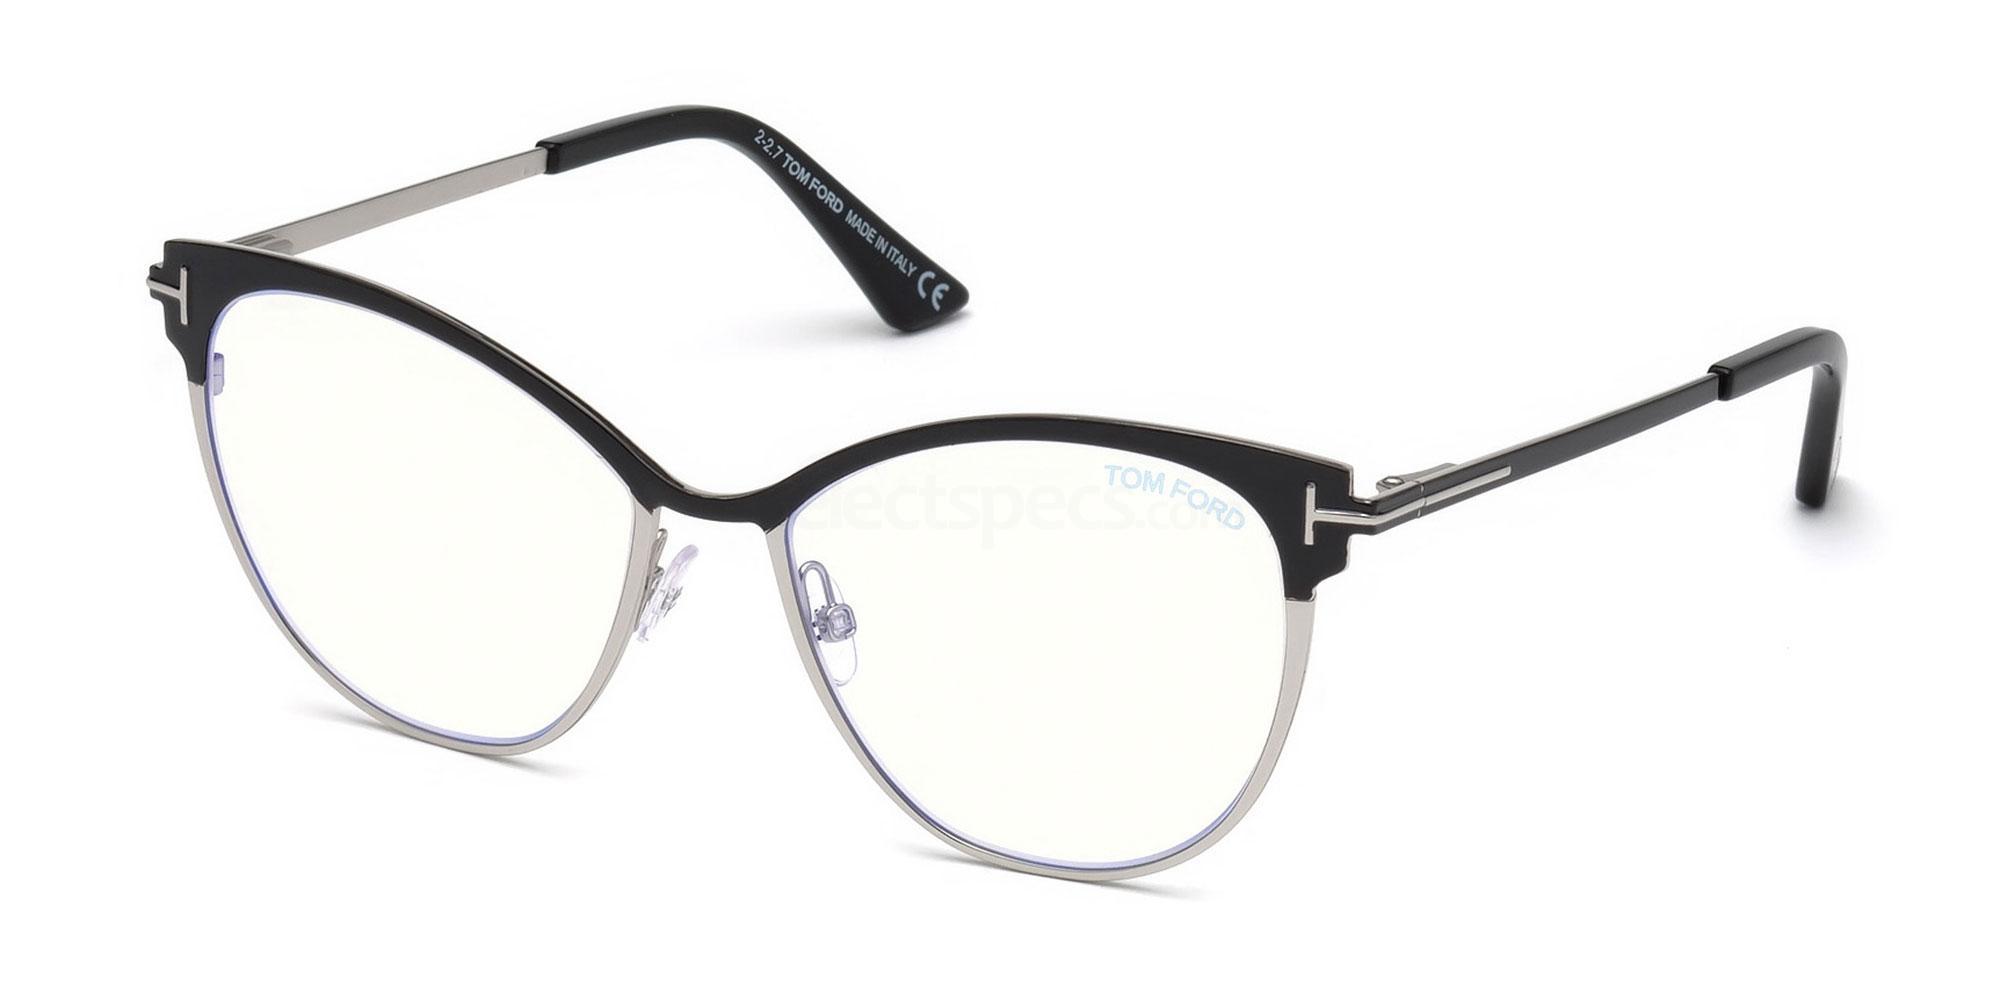 005 FT5530-B Glasses, Tom Ford